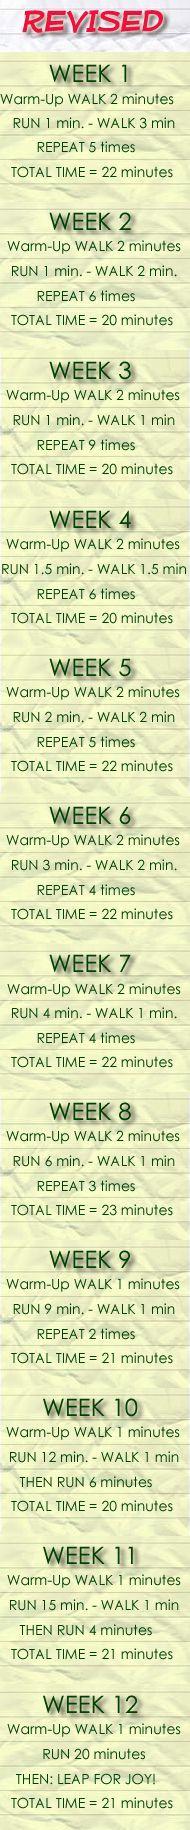 Beginner Runner Training